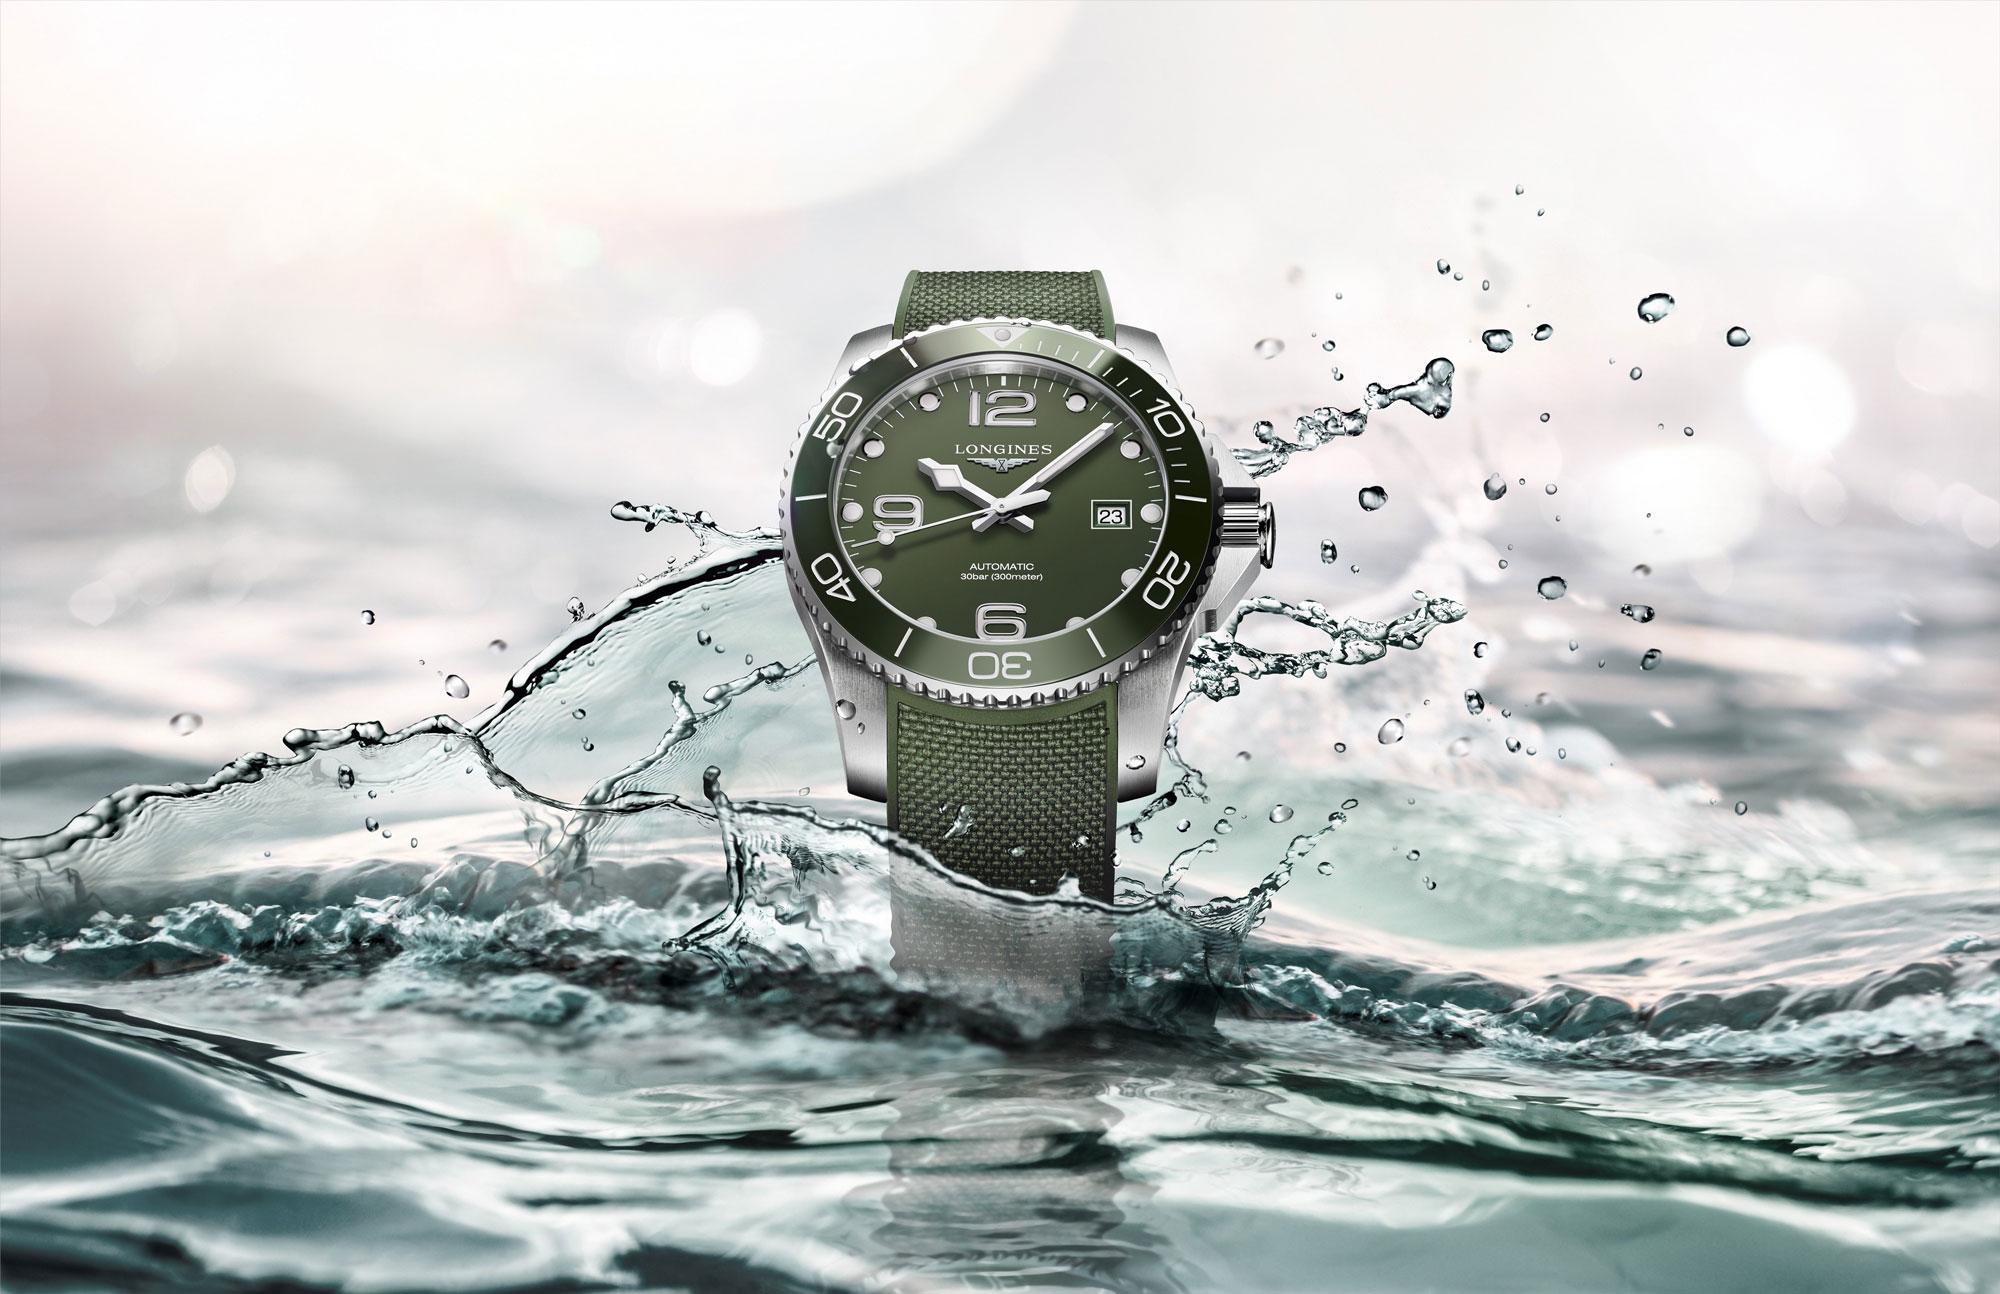 浪琴表推出全新康卡斯潜水系列绿色腕表